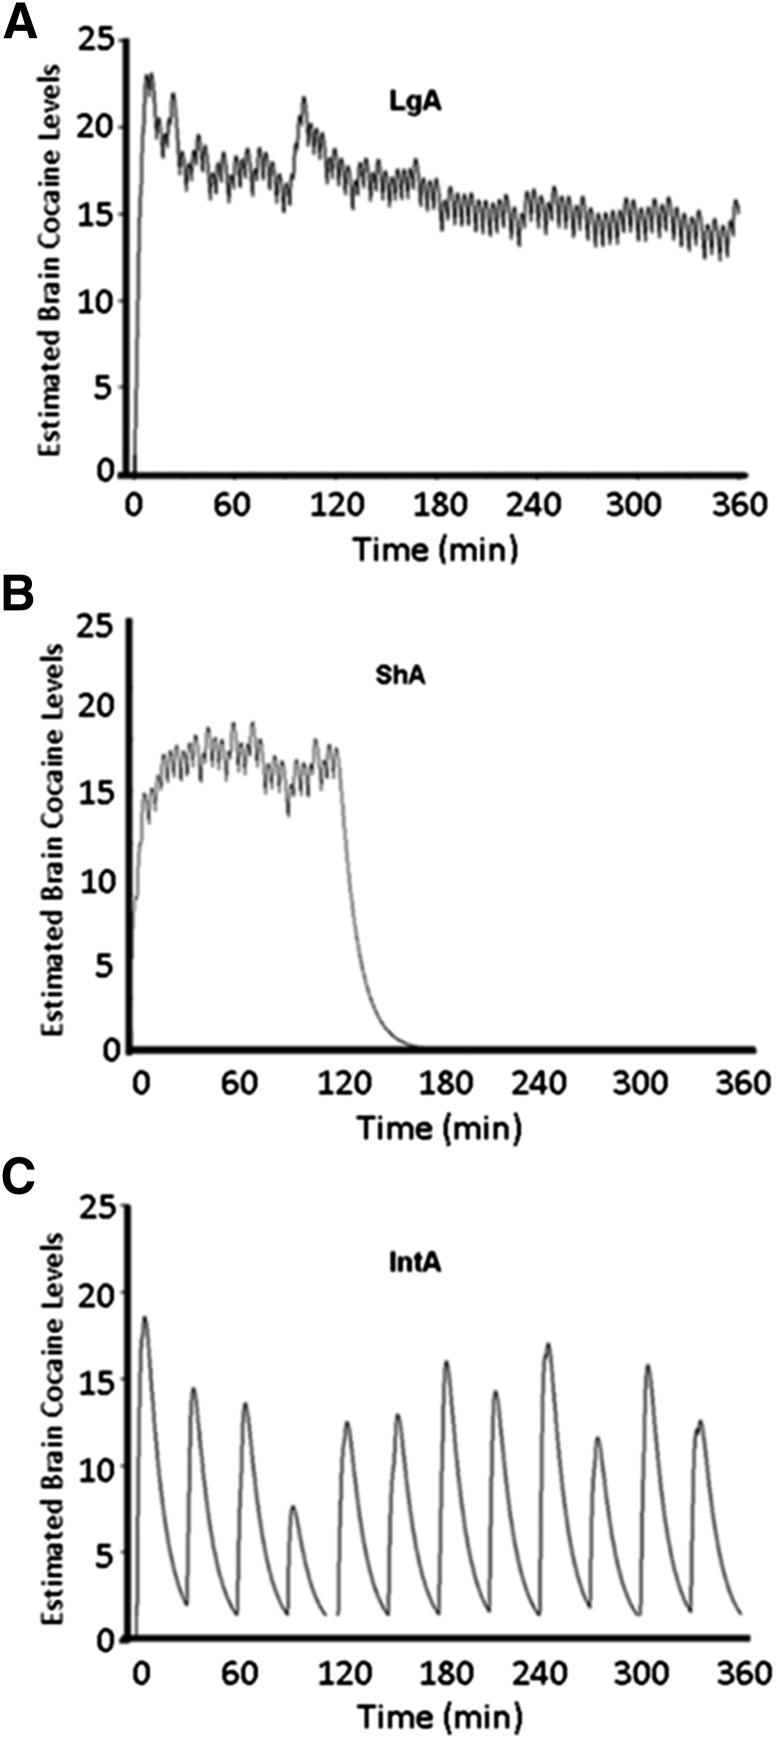 Figure 1. Calipari et al., Neuropsychopharmacology, 2015